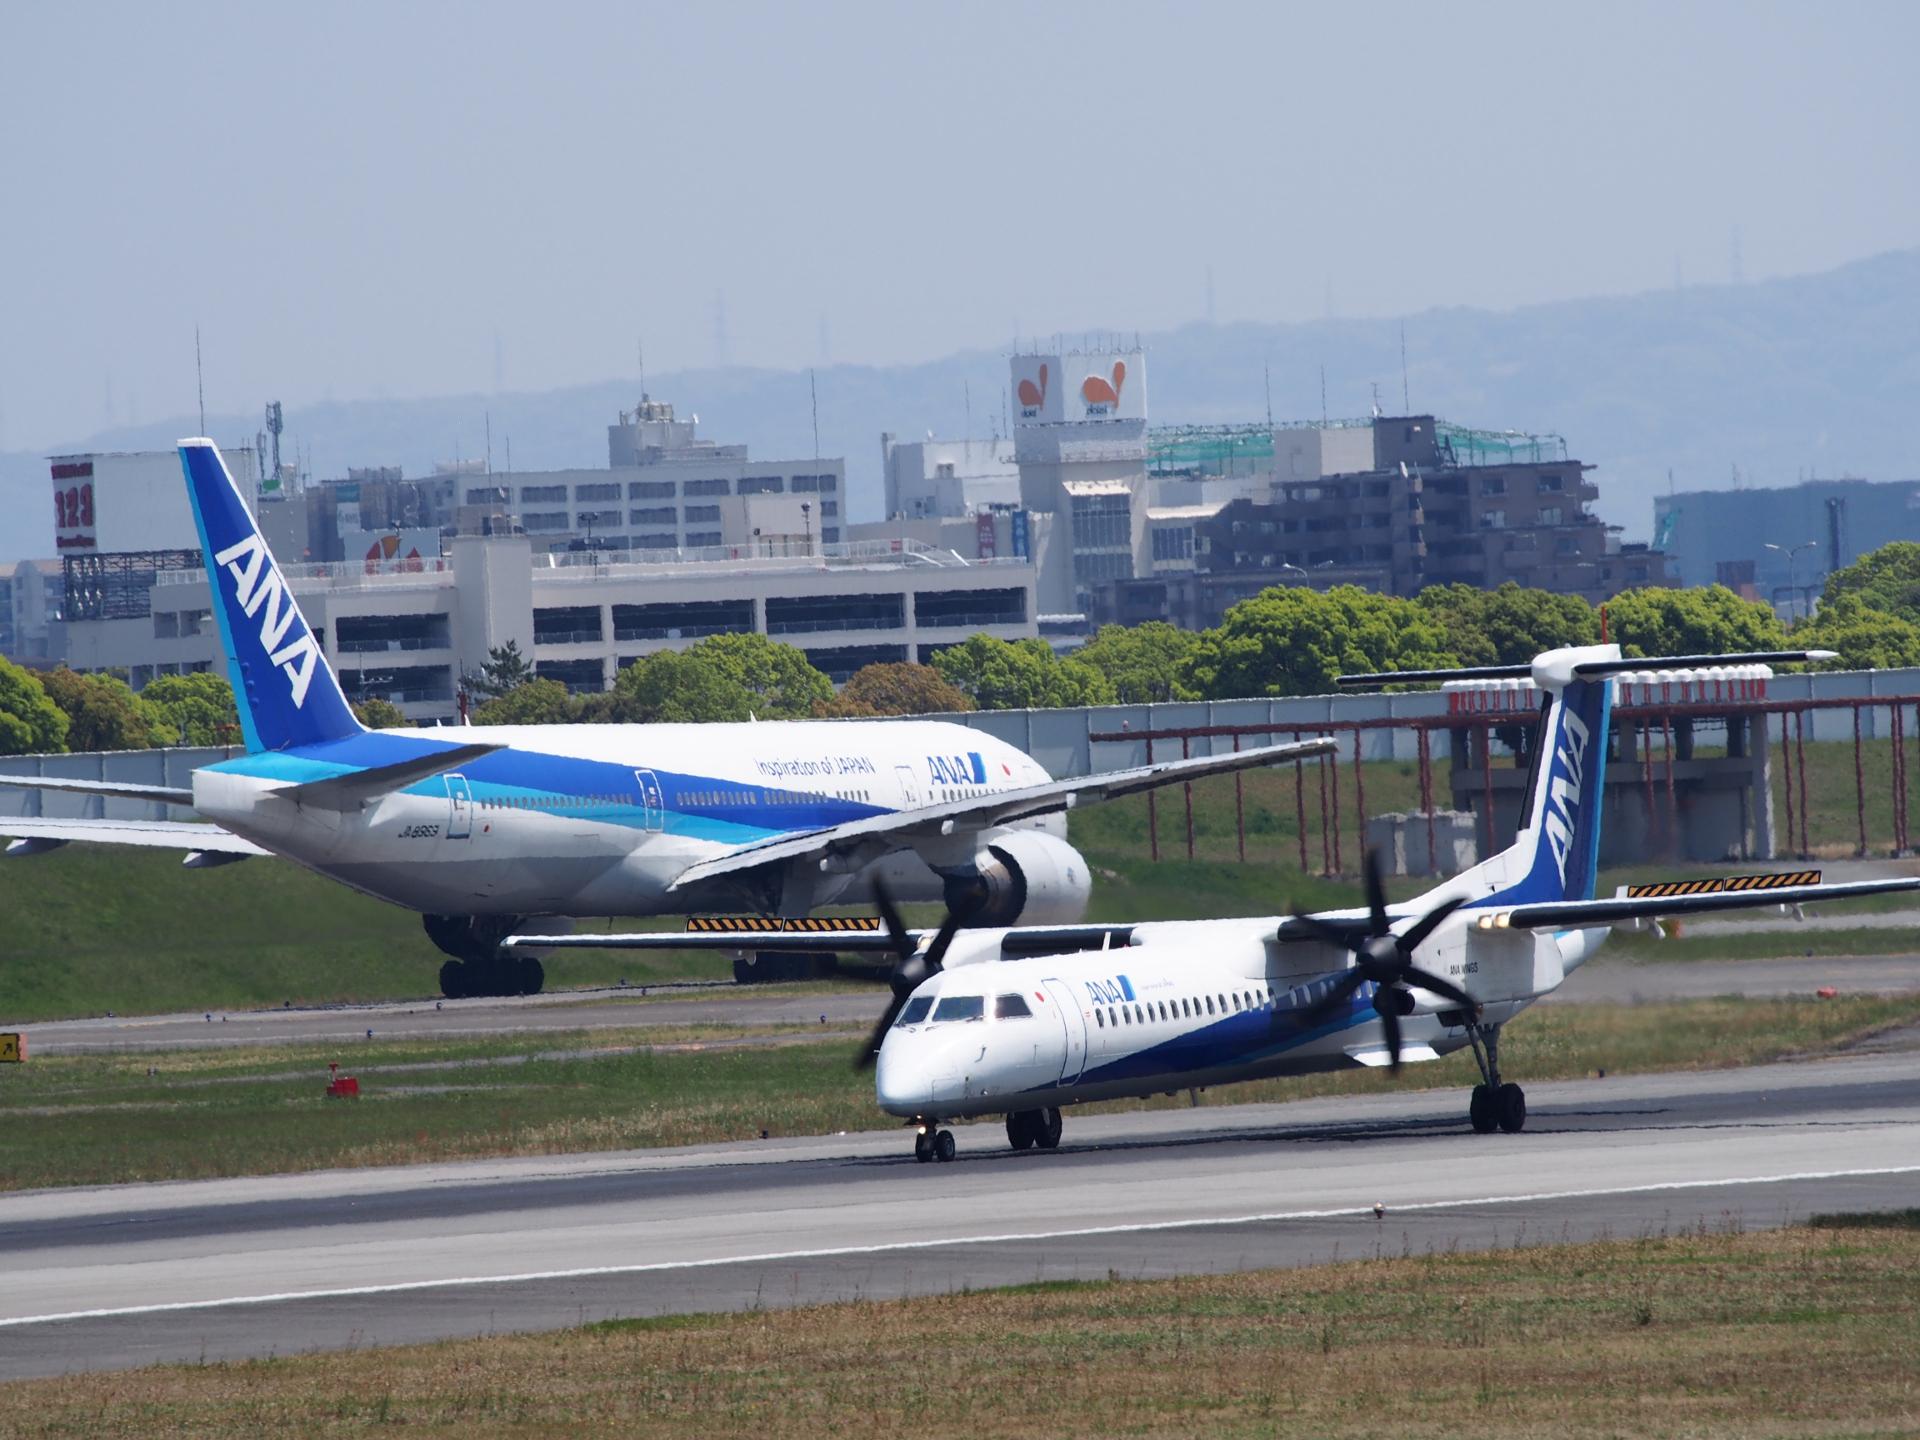 ボンバル機はRWY32Lからの離陸です。